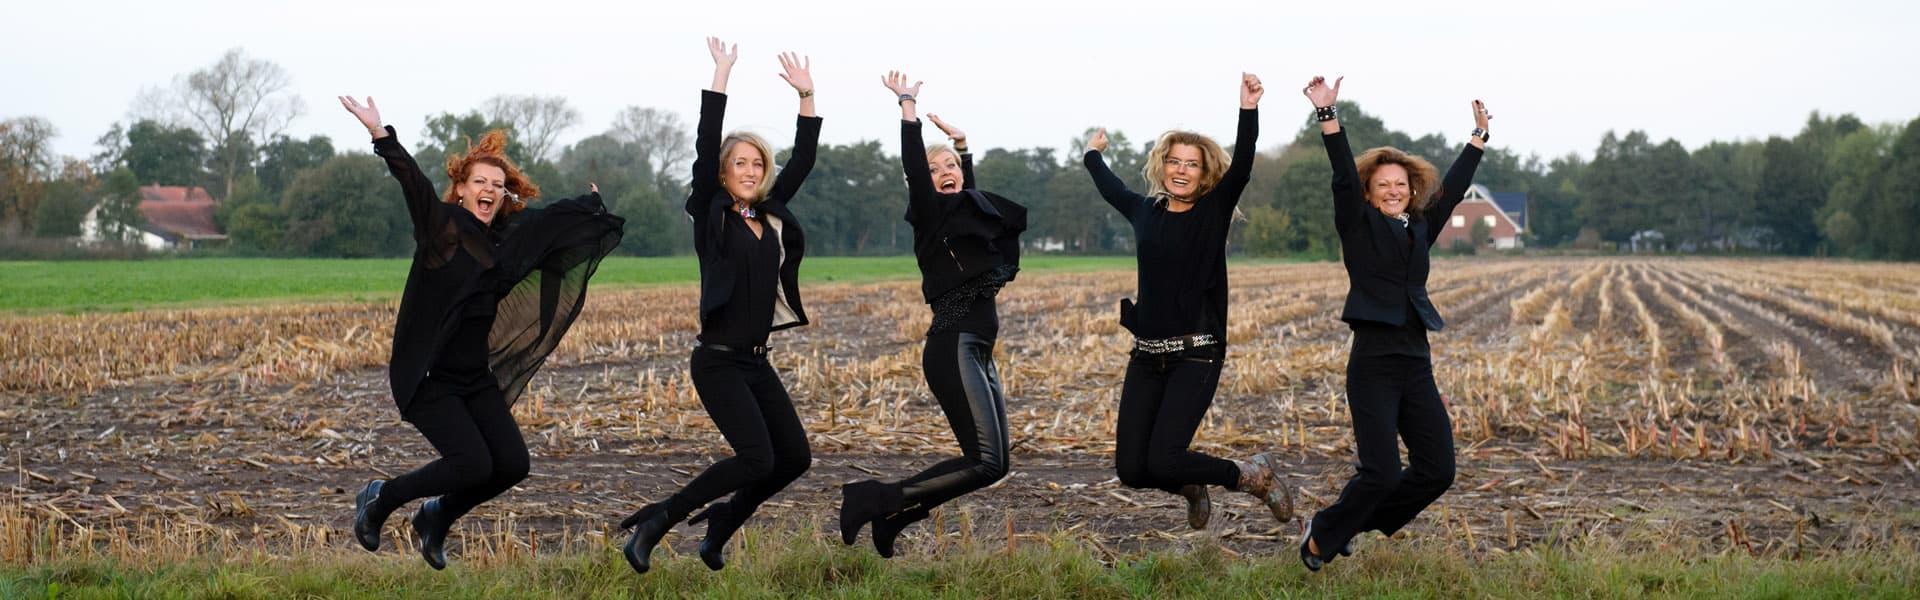 Das MK Team springt vor Freude